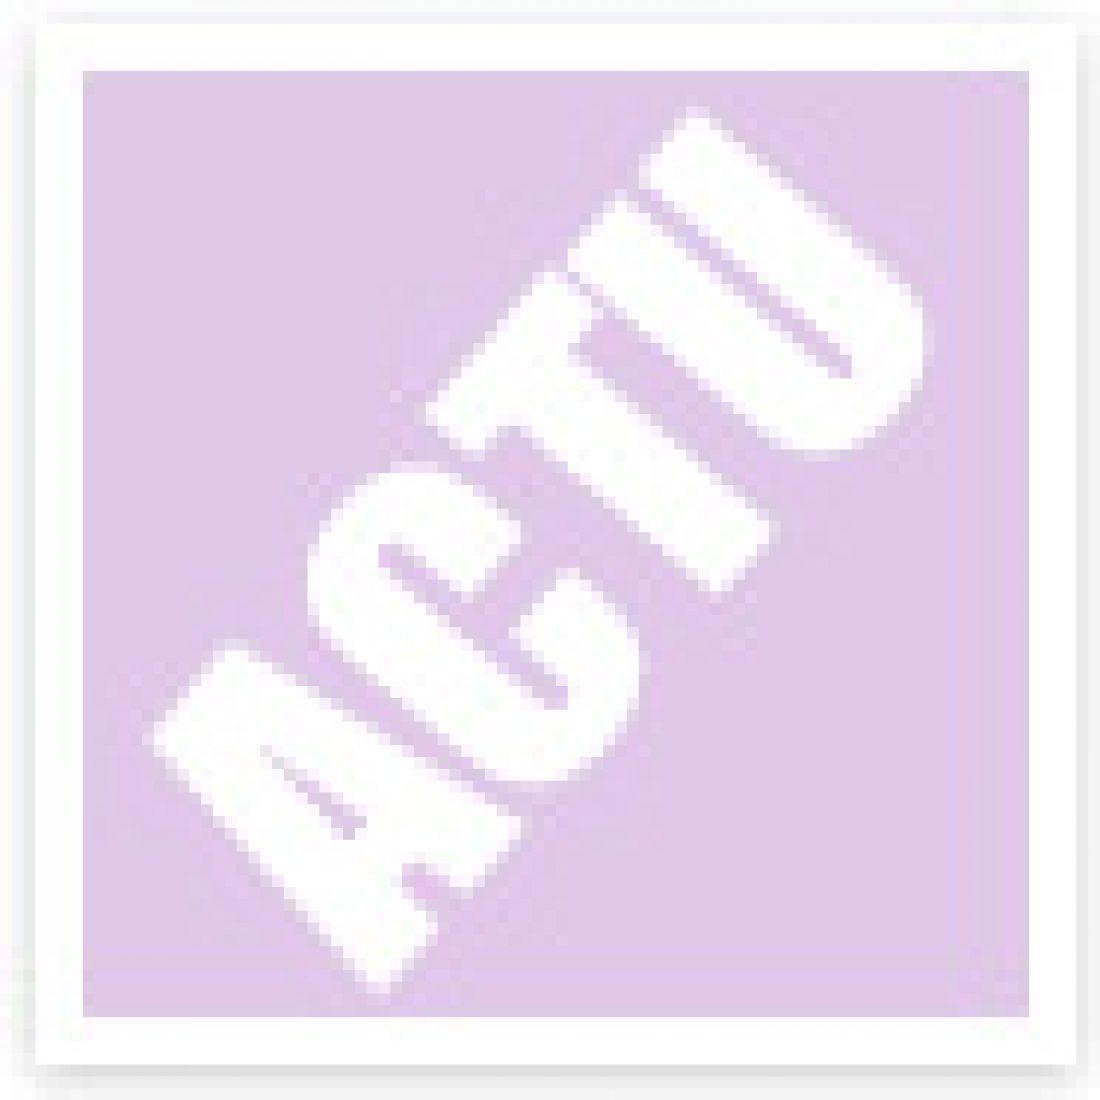 ACTU2